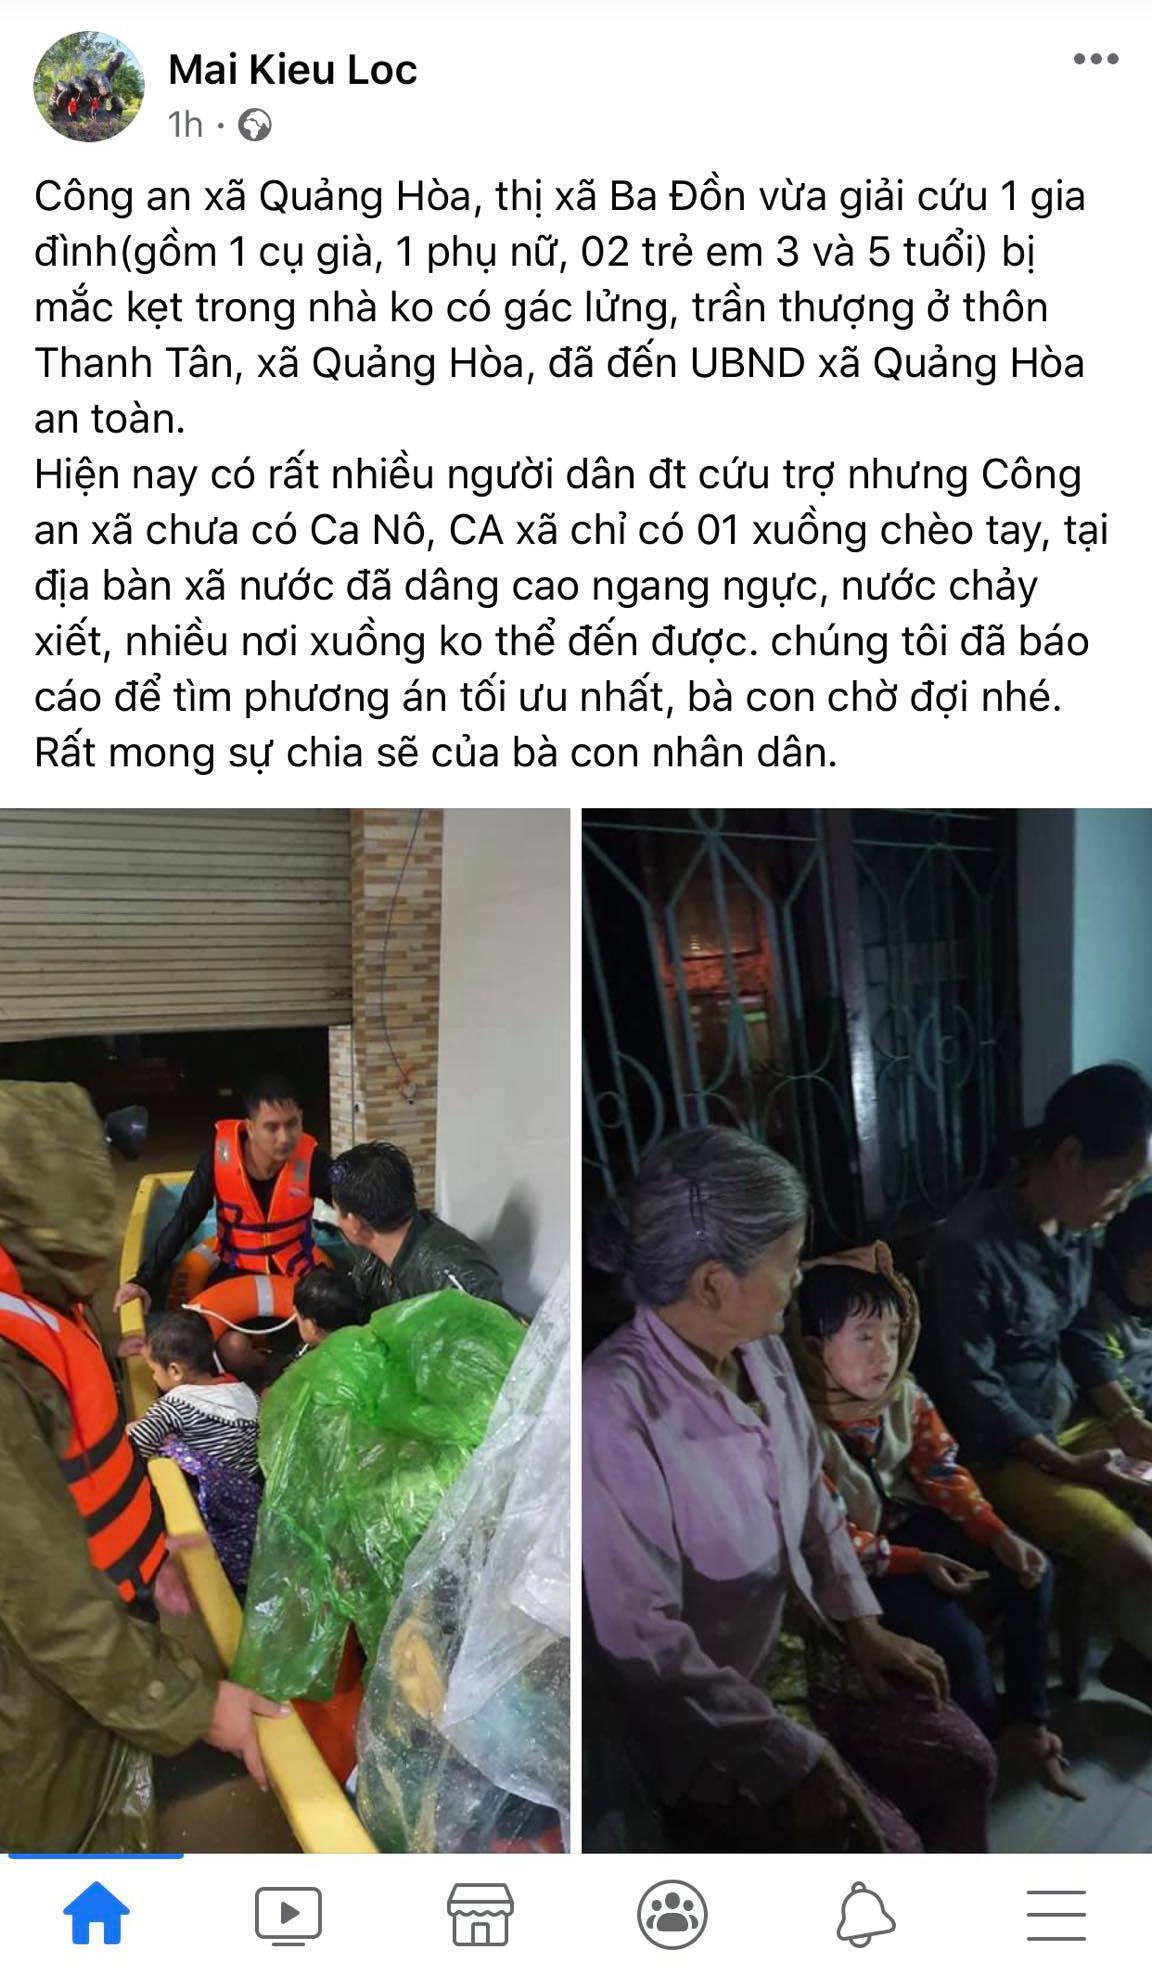 Công an xã Quảng Hòa trắng đêm cứu hộ bà con, nhưng vẫn còn nhiều nơi nước chảy xiết chưa thể tiếp cận (Ảnh: Mai Kiều Lộc)